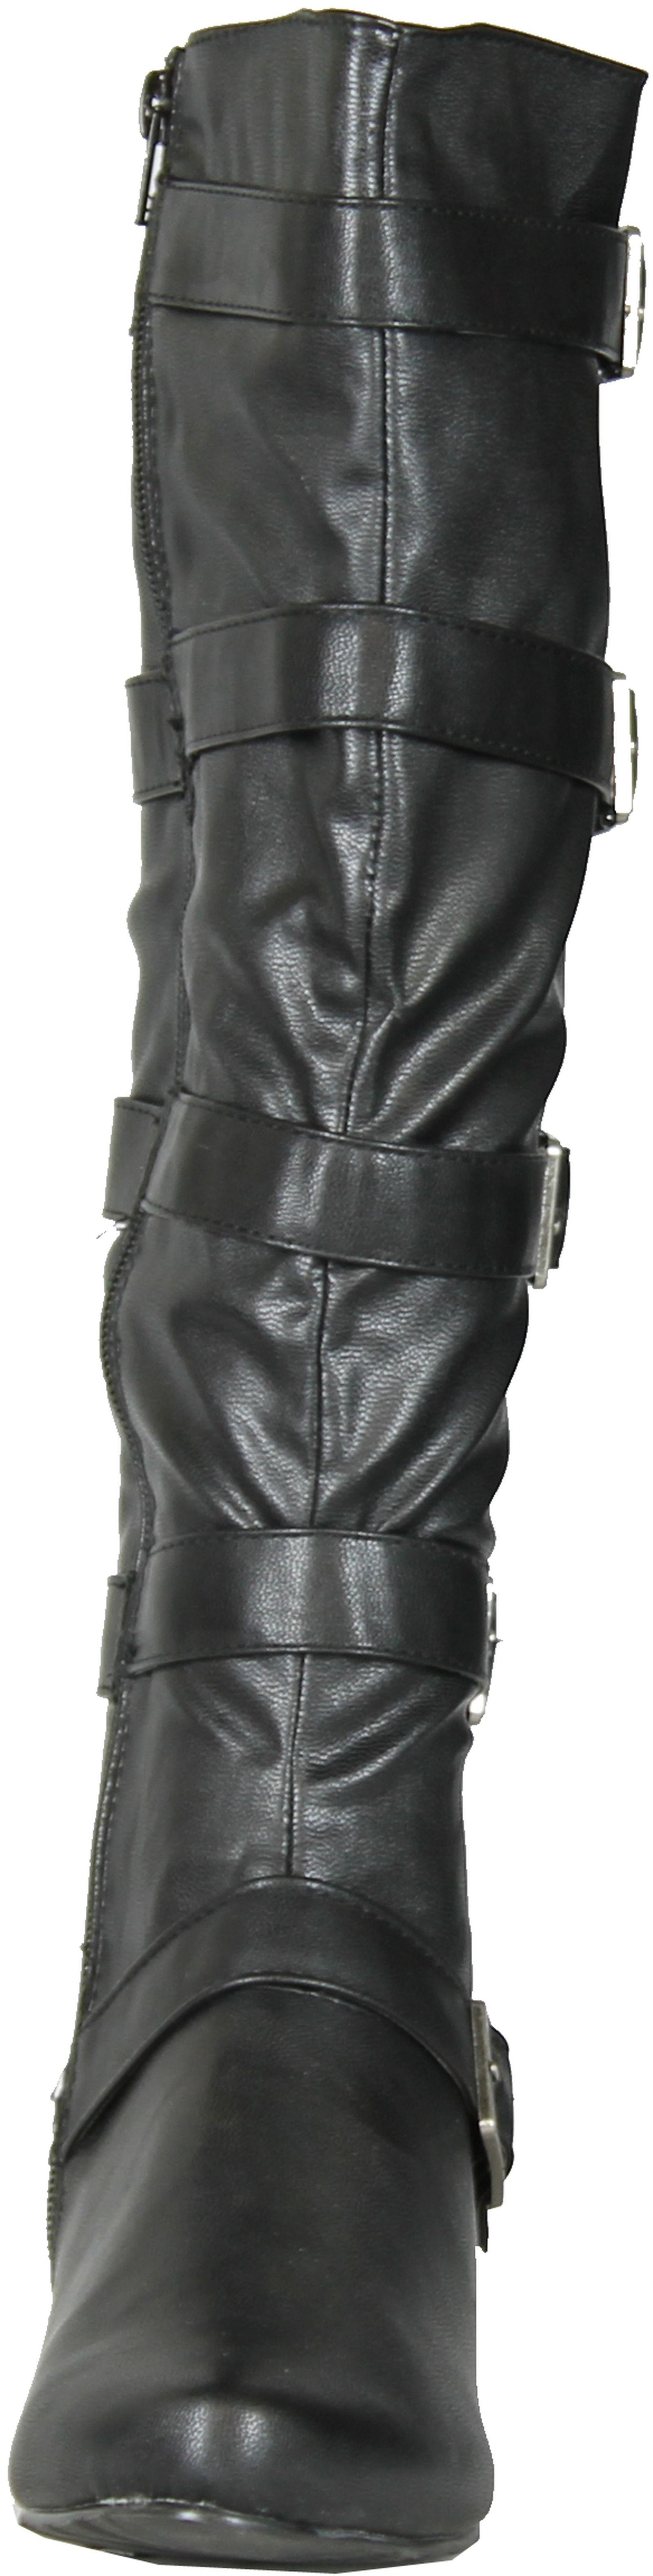 Gomax Boots Womens Agatha Cute Fashion Boots Gomax With Buckle Detail adb244